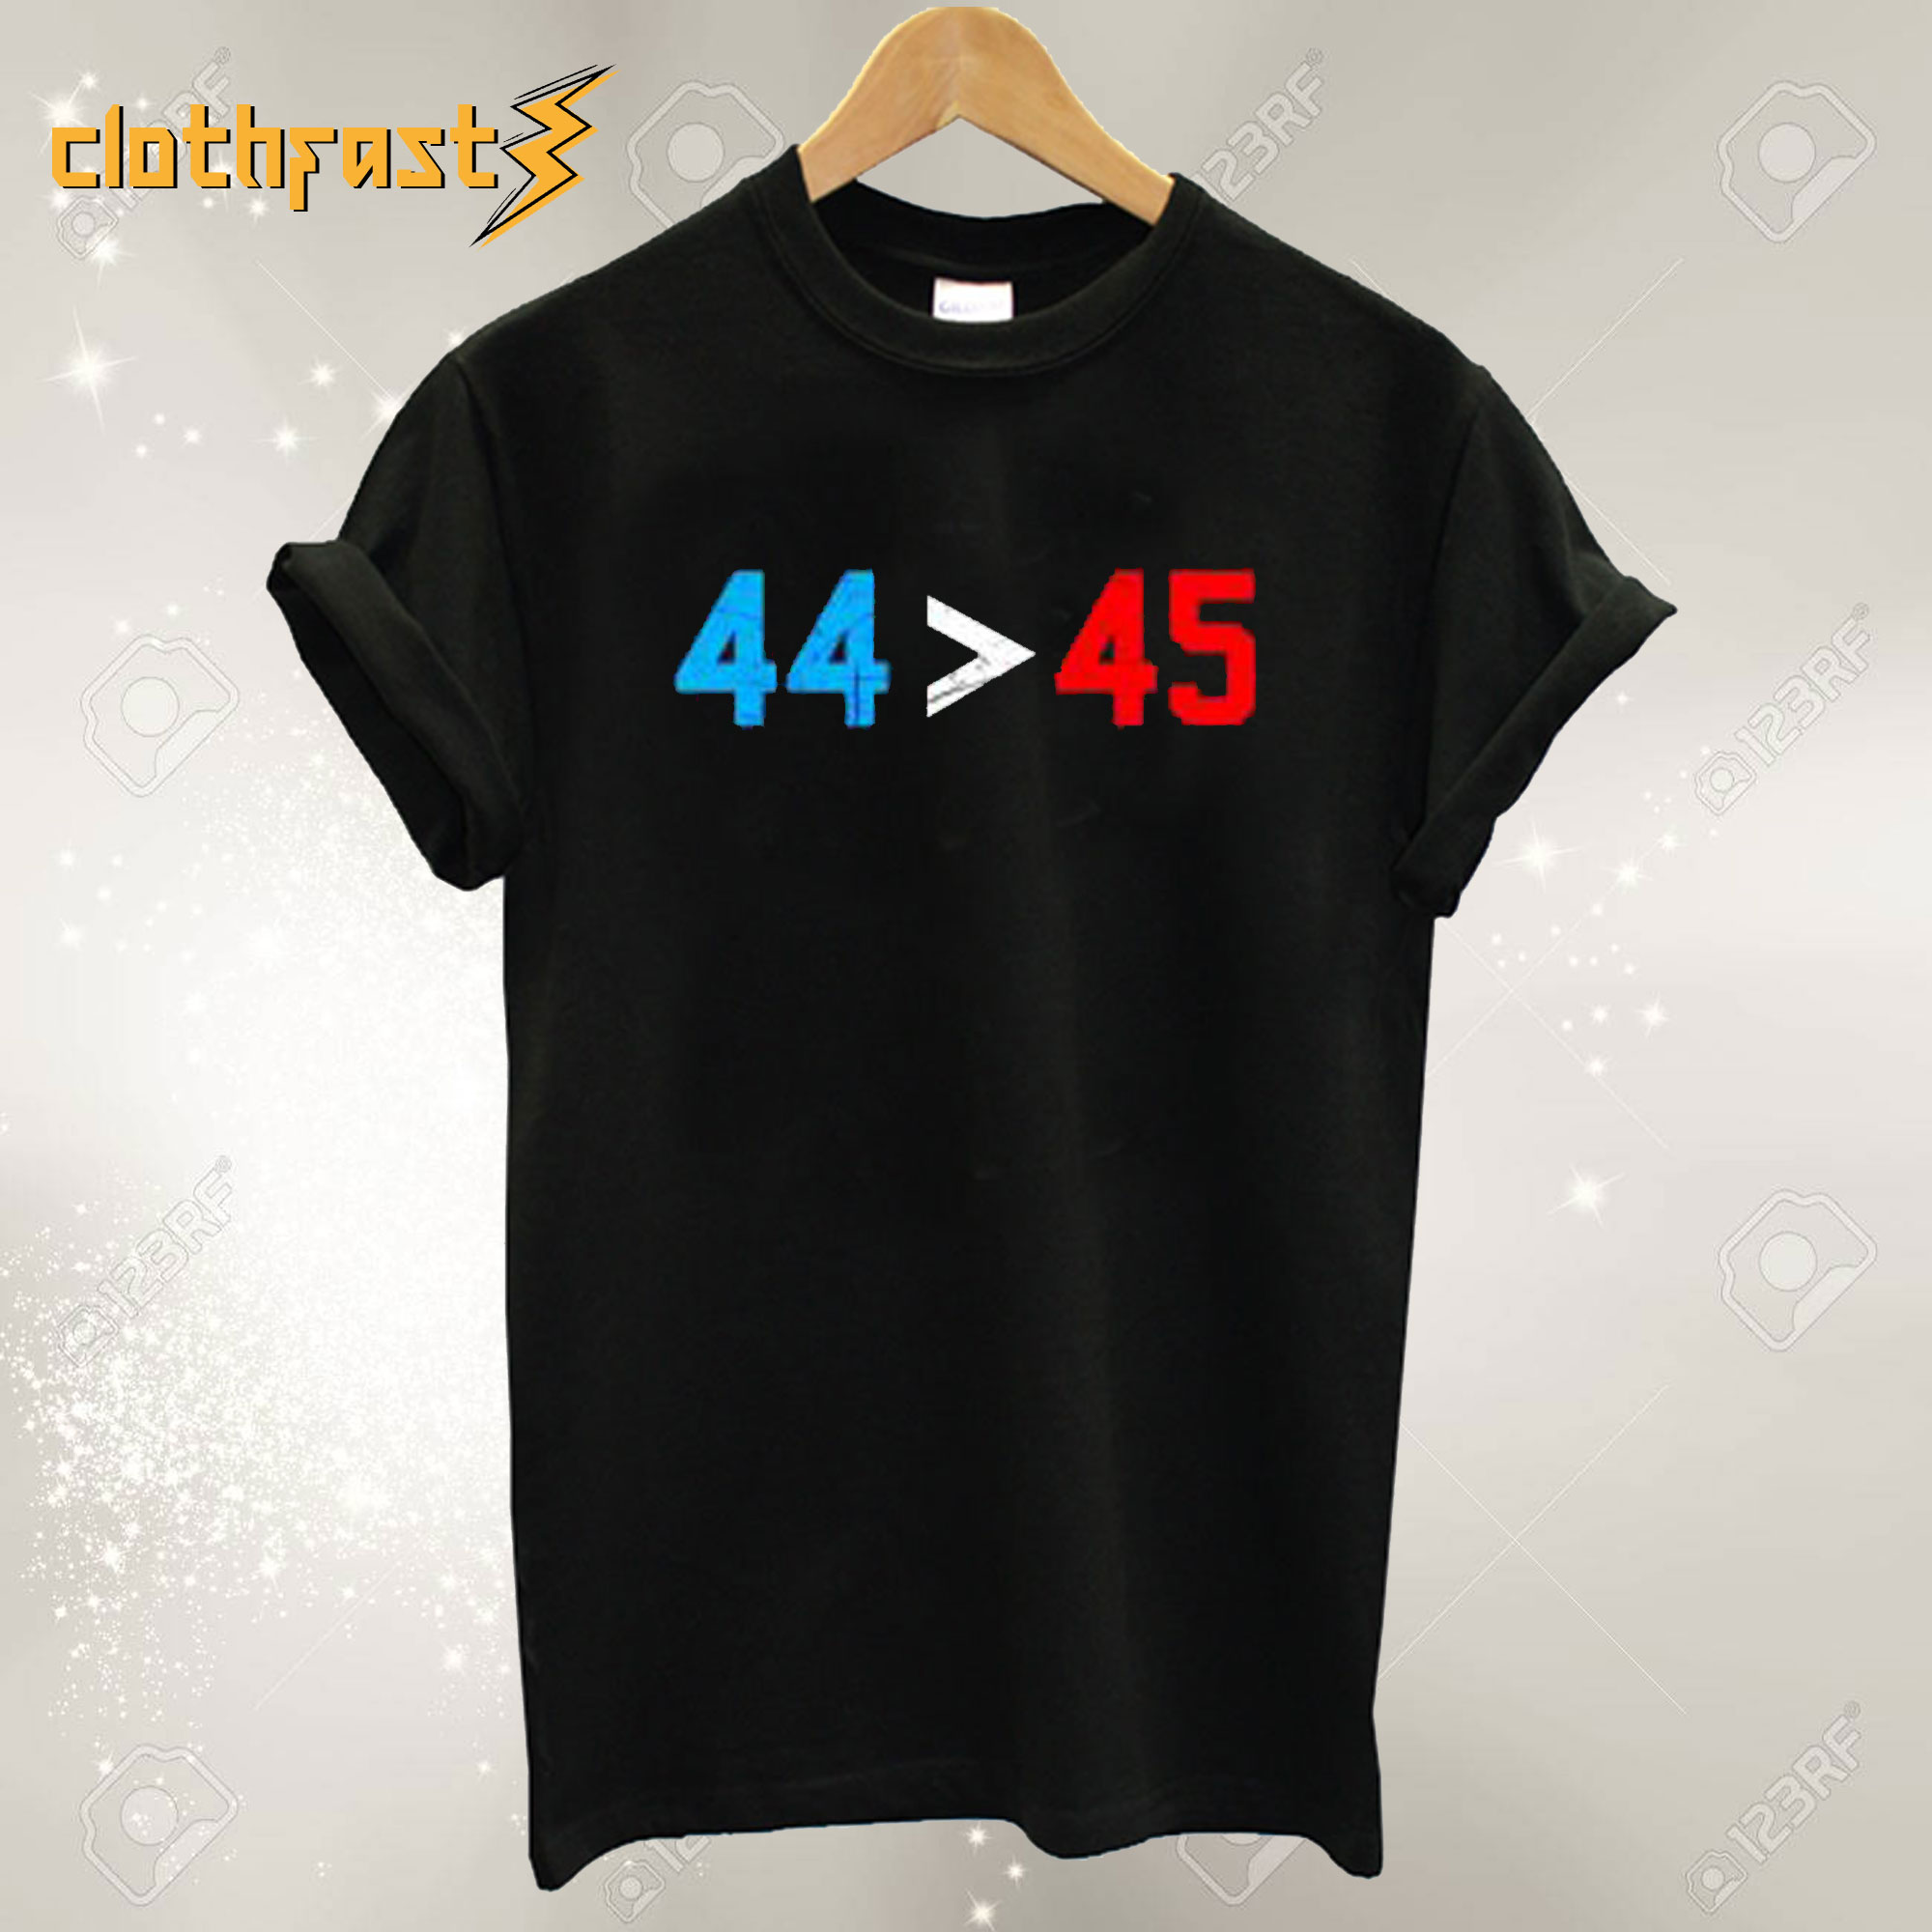 44 45 Better Than Trump T shirt